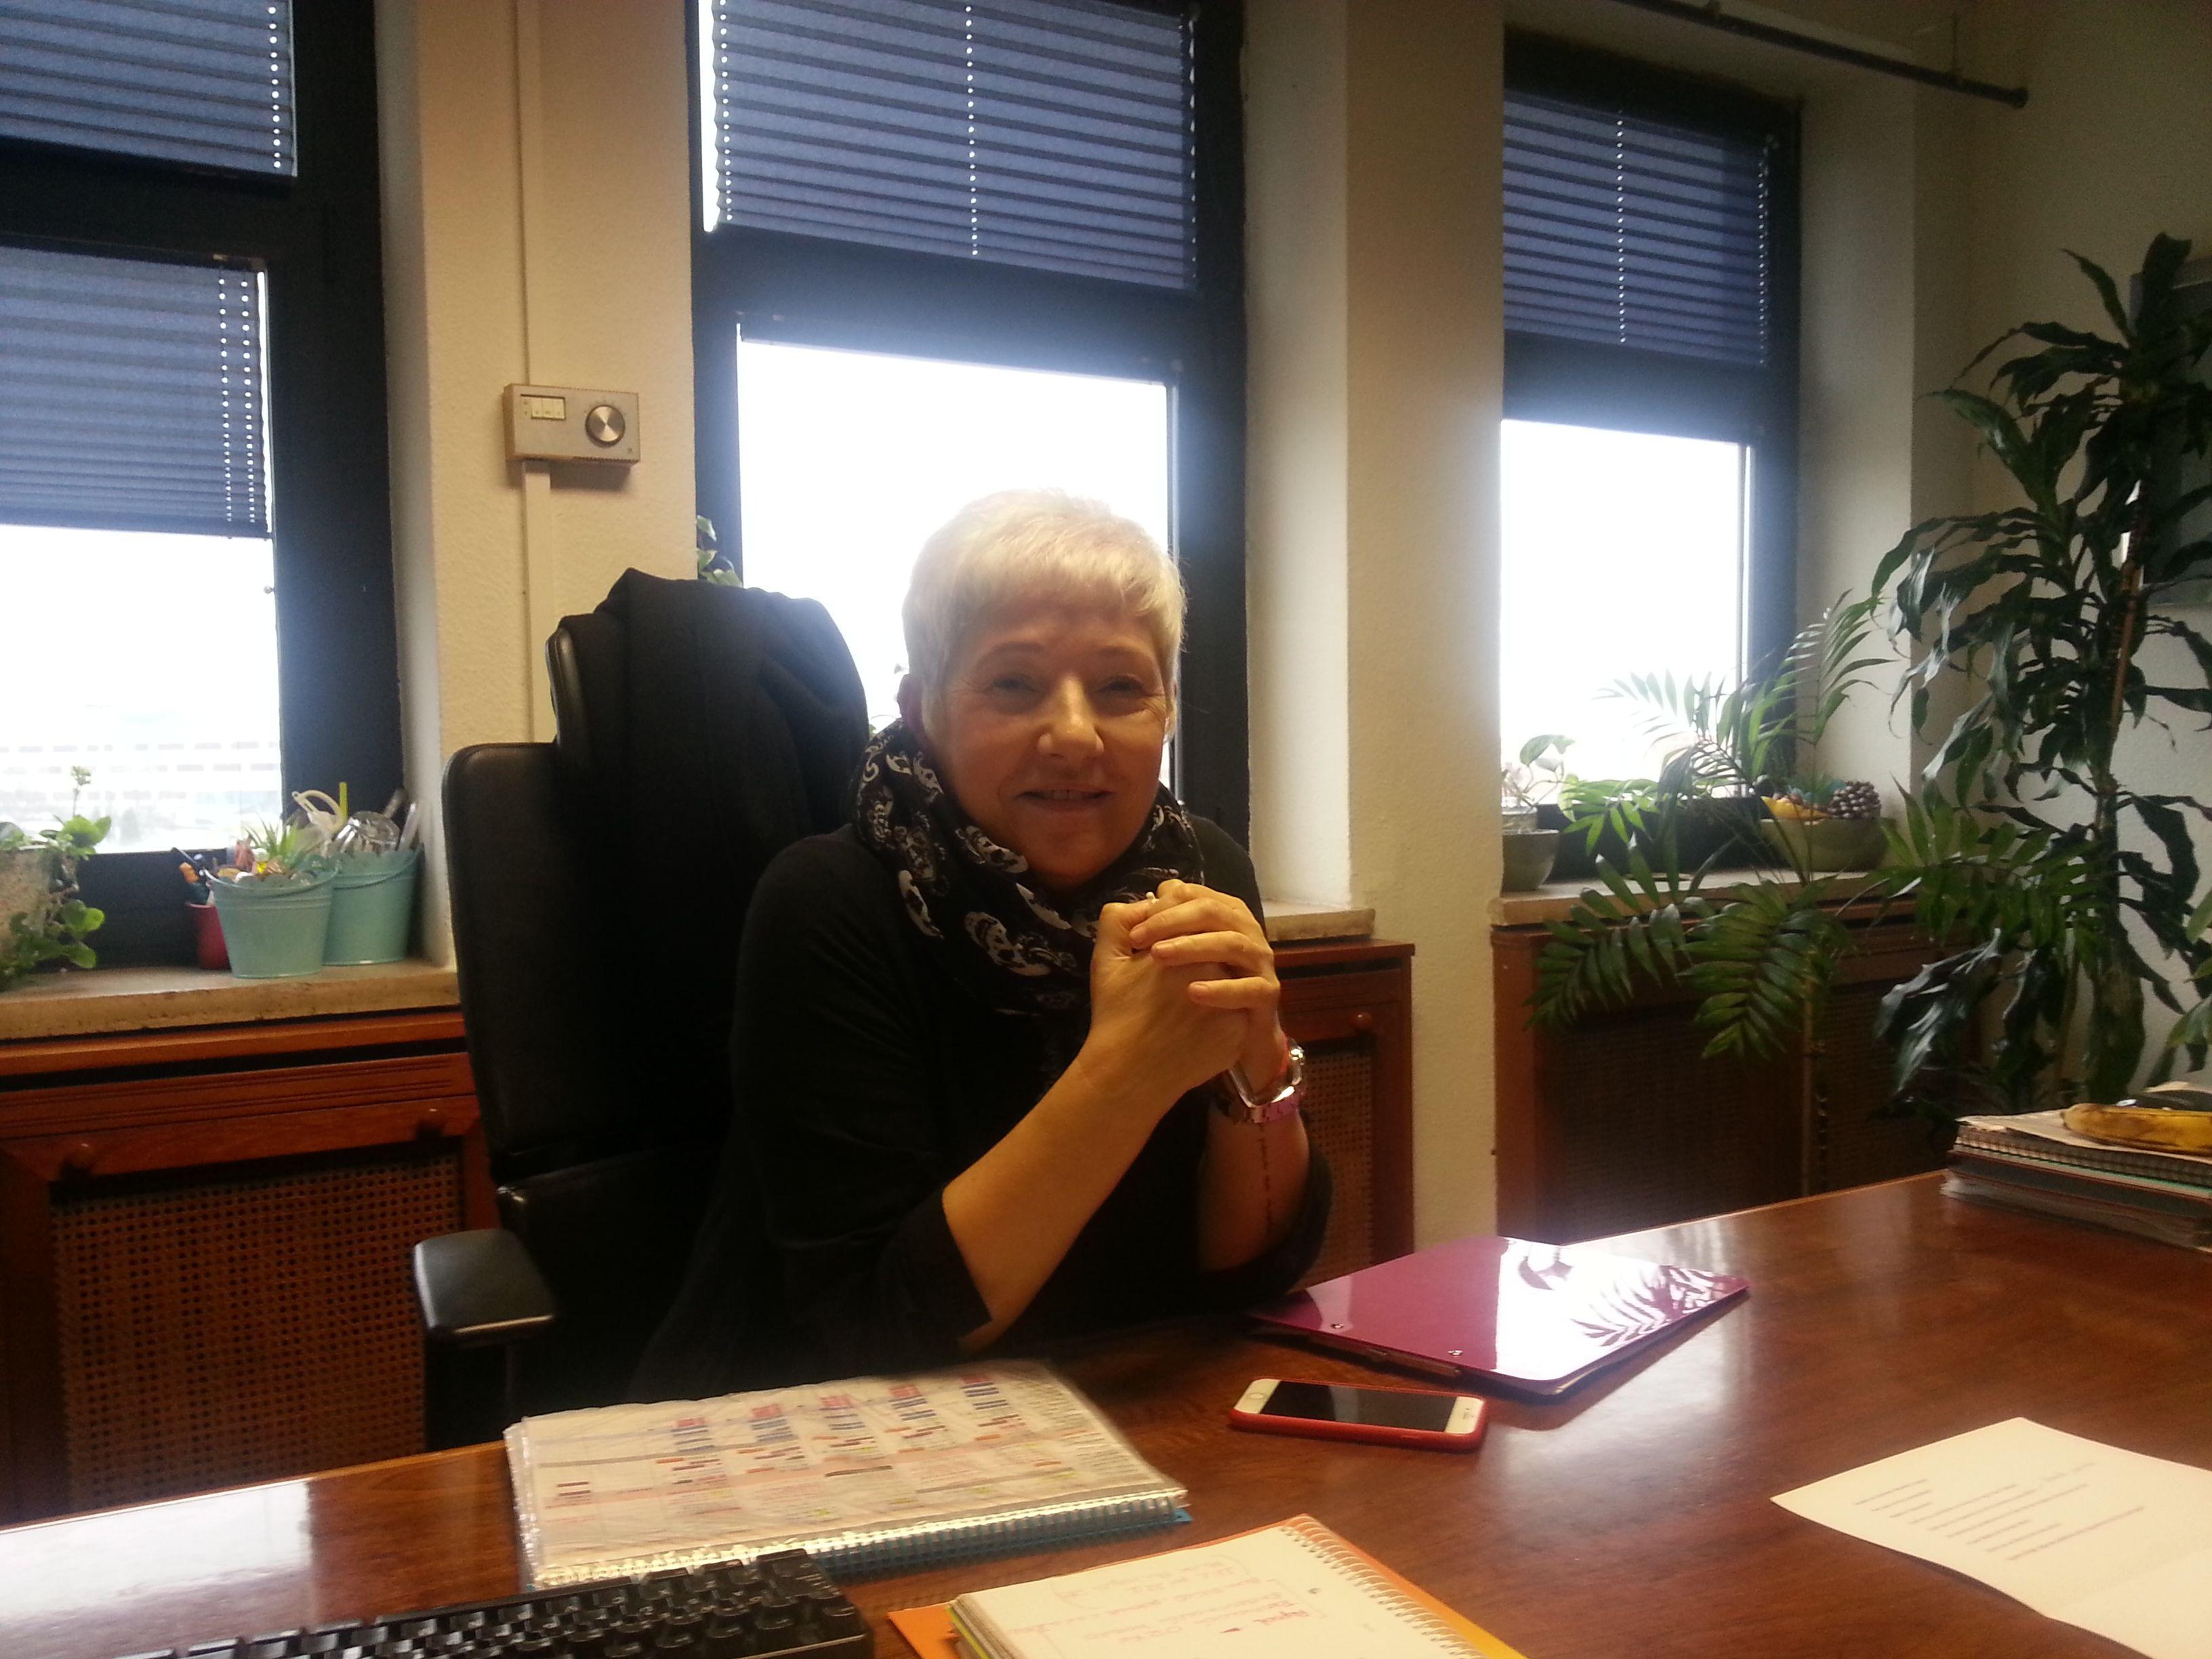 Carmen Álvarez Lozano, directora del programa Aquí hay trabajo que se emite por la segunda cadena de Televisión Española desde hace dos décadas